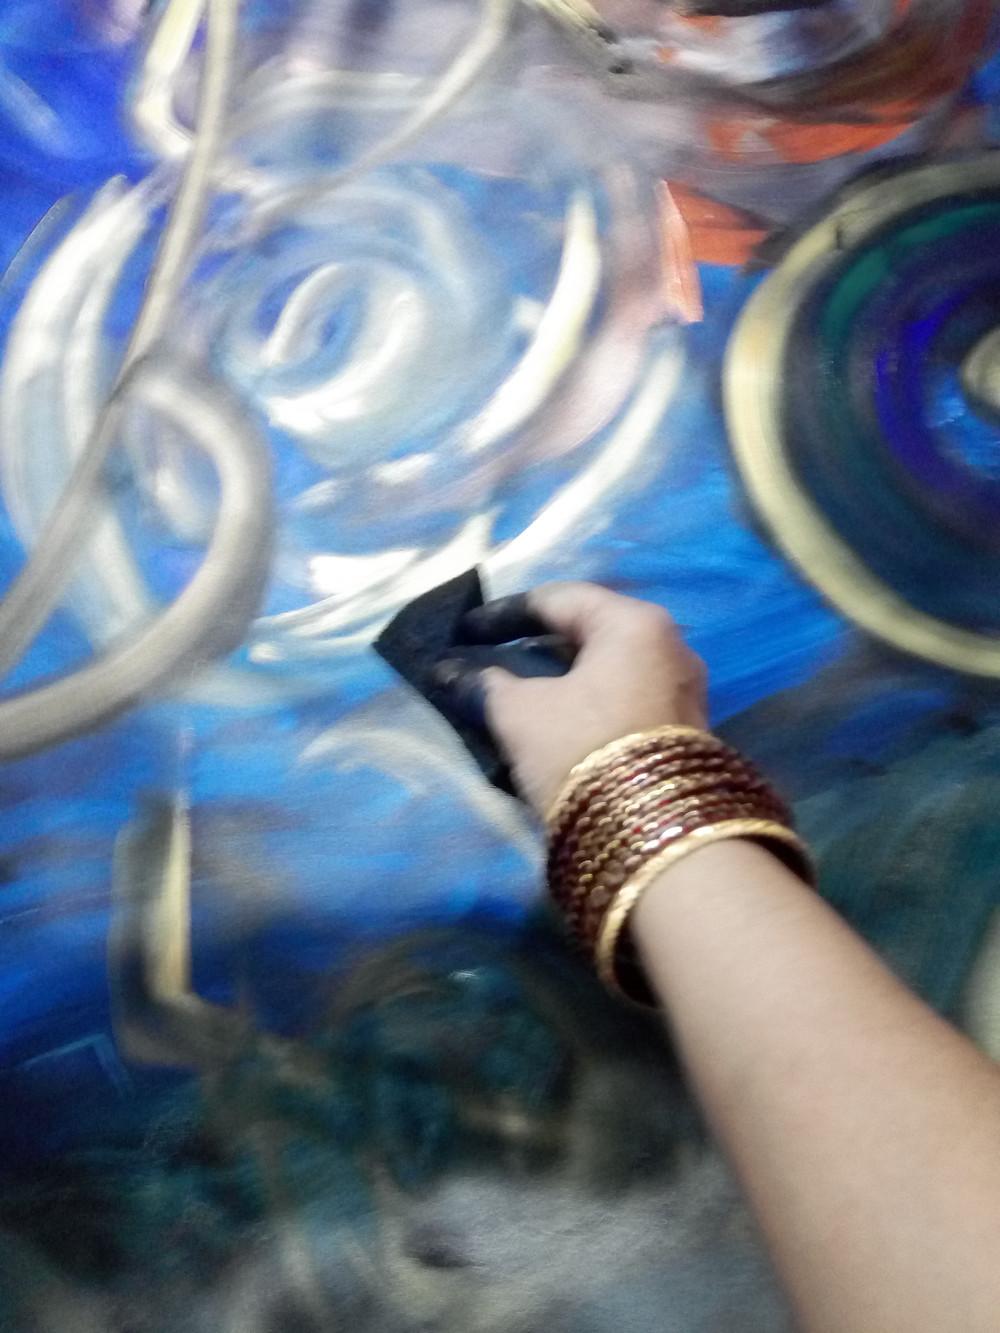 artist at work photo artwork in progress